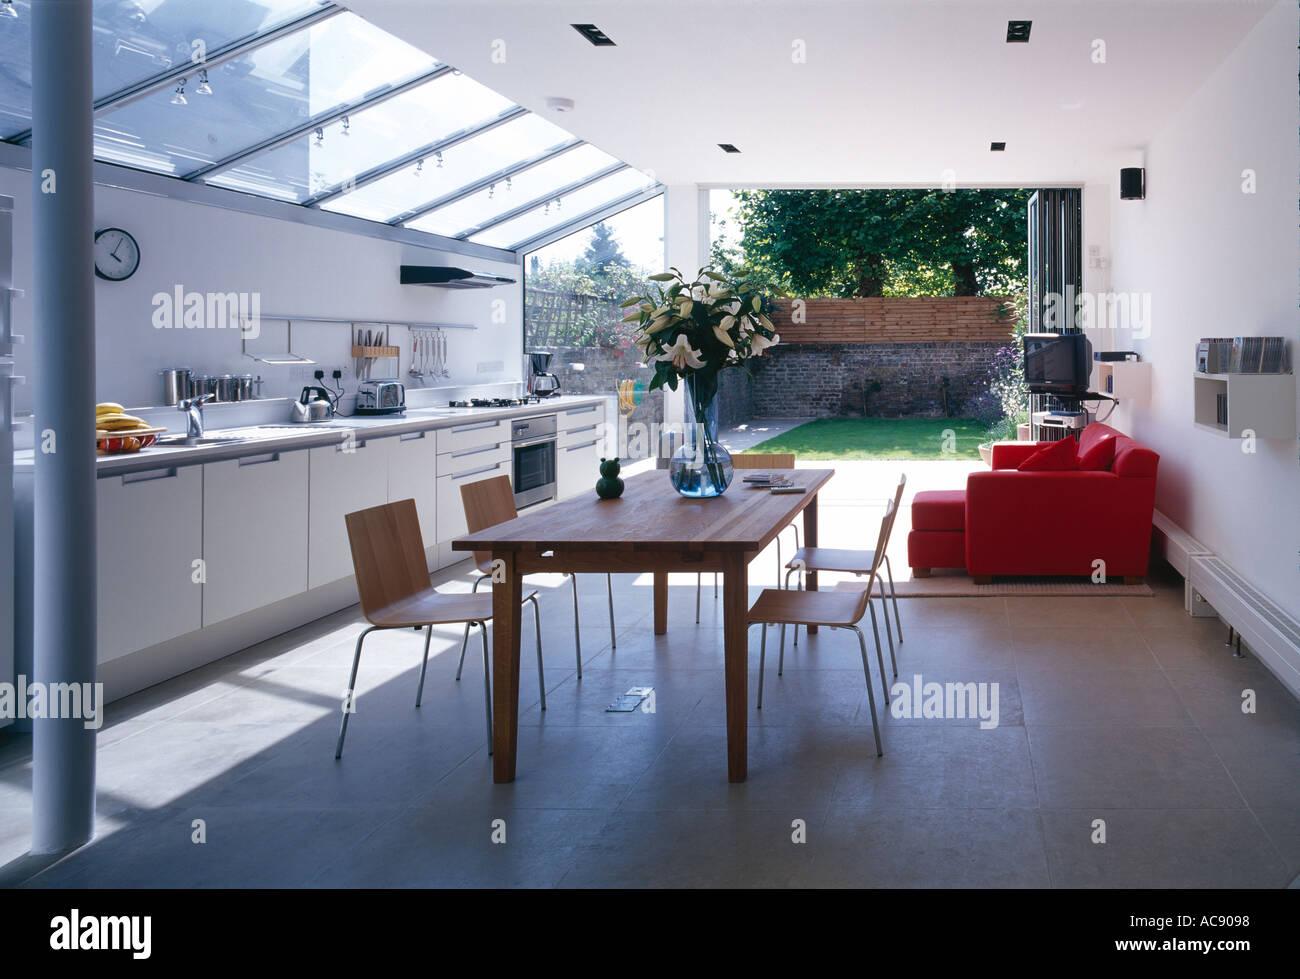 Moderne Pflanzgefäße Terrasse offenbach haus moderne umbau und erweiterung wohnbereich